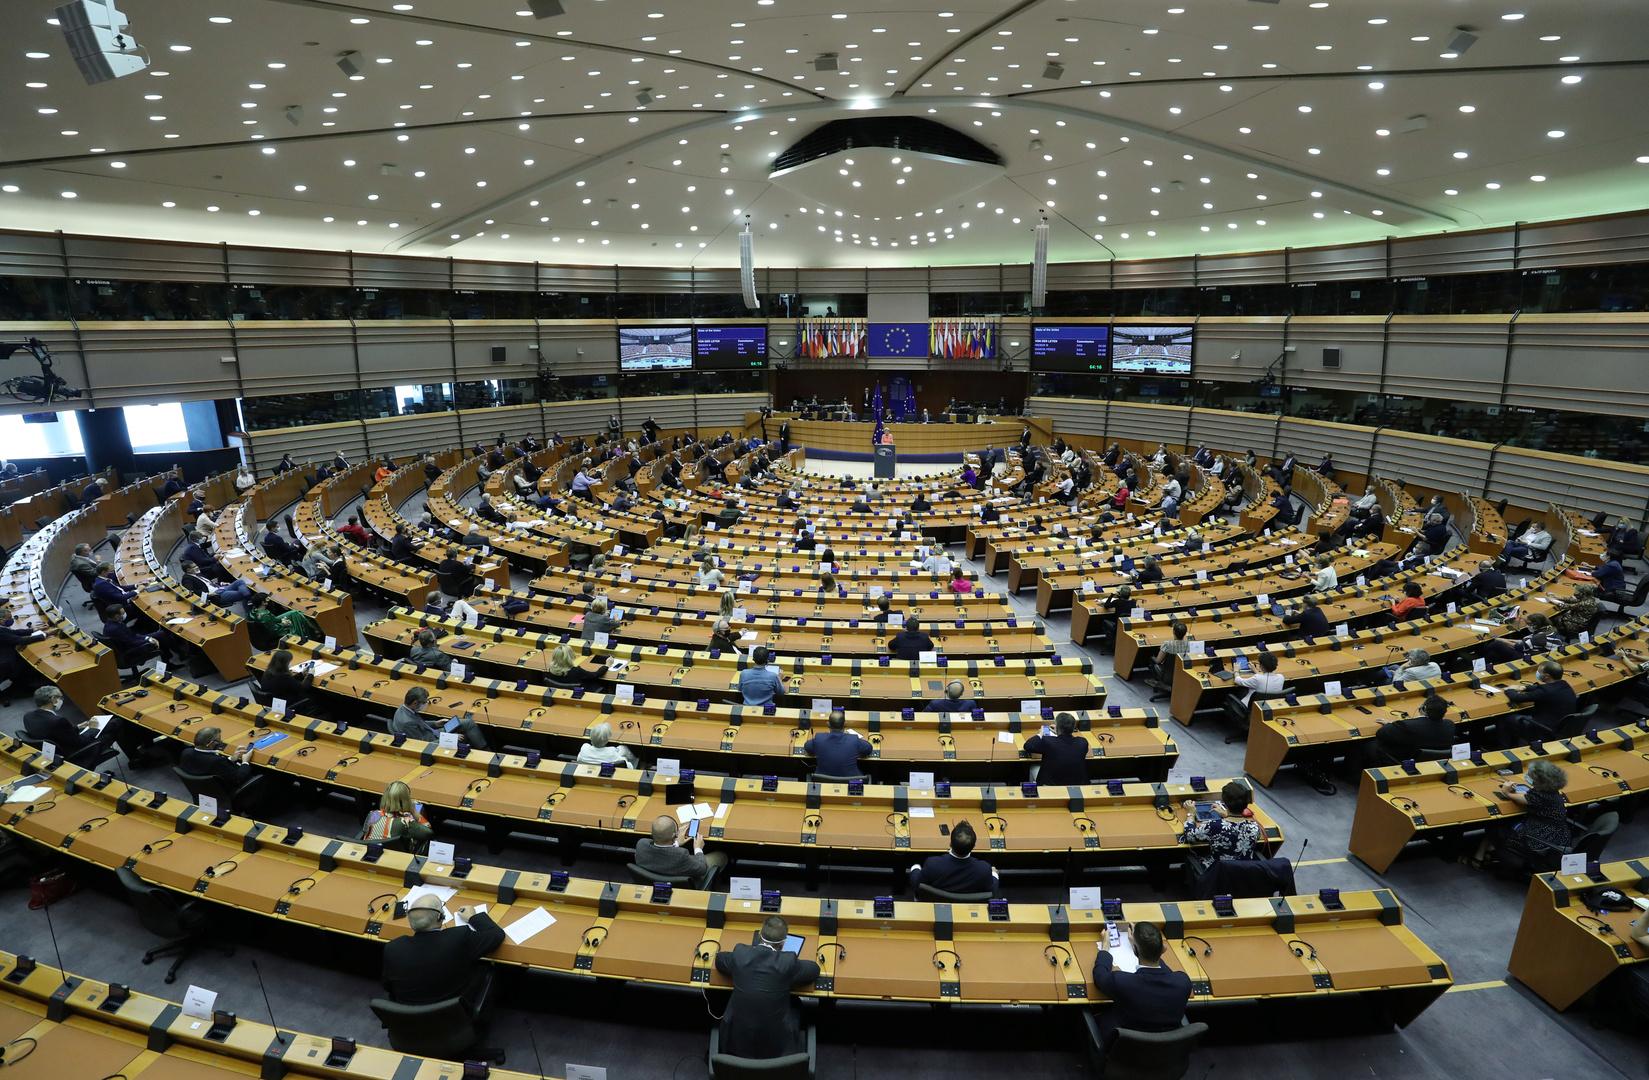 دورة للبرلمان الأوروبي في بروكسل